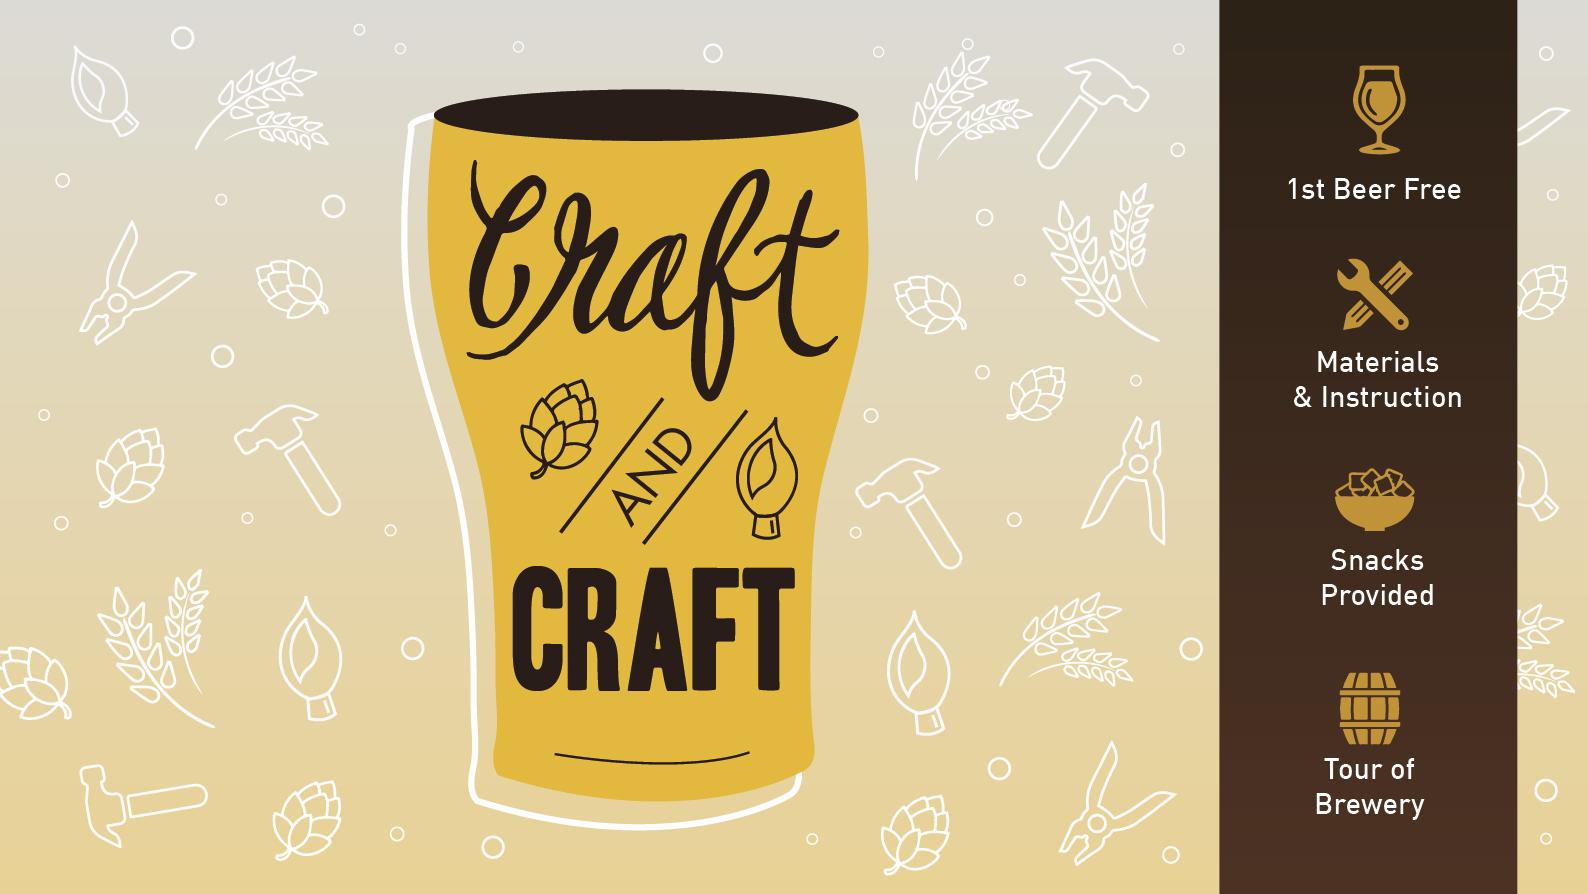 Craft & Craft fb image.jpg